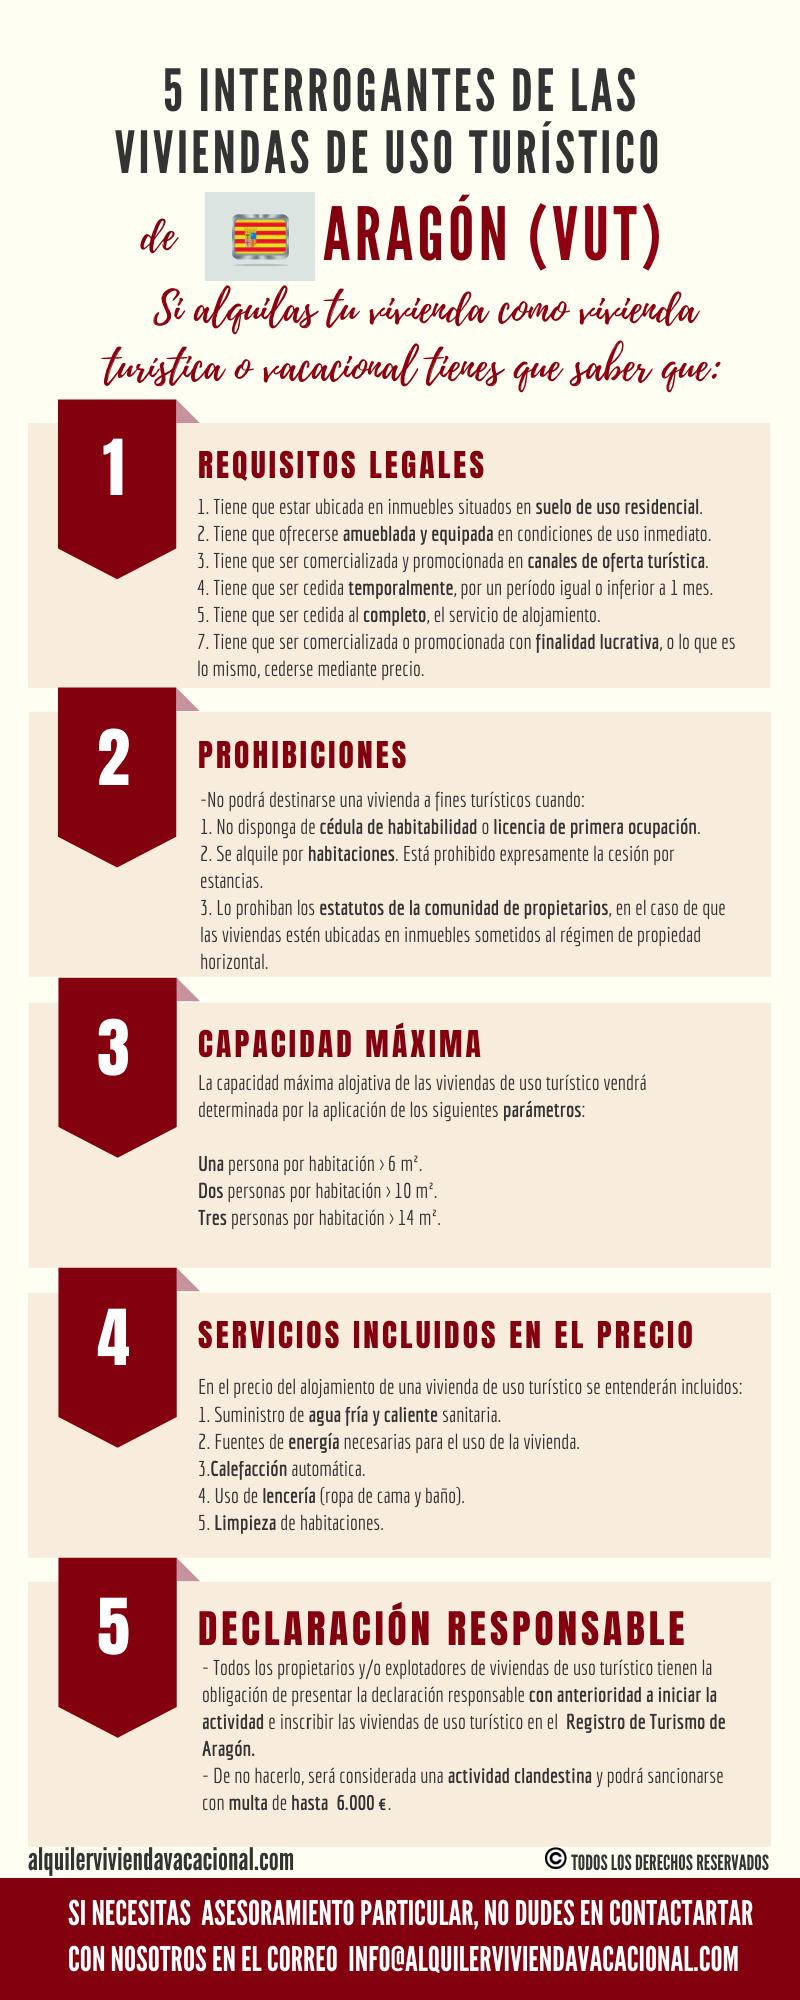 5 interrogantes de las VUT de Aragón